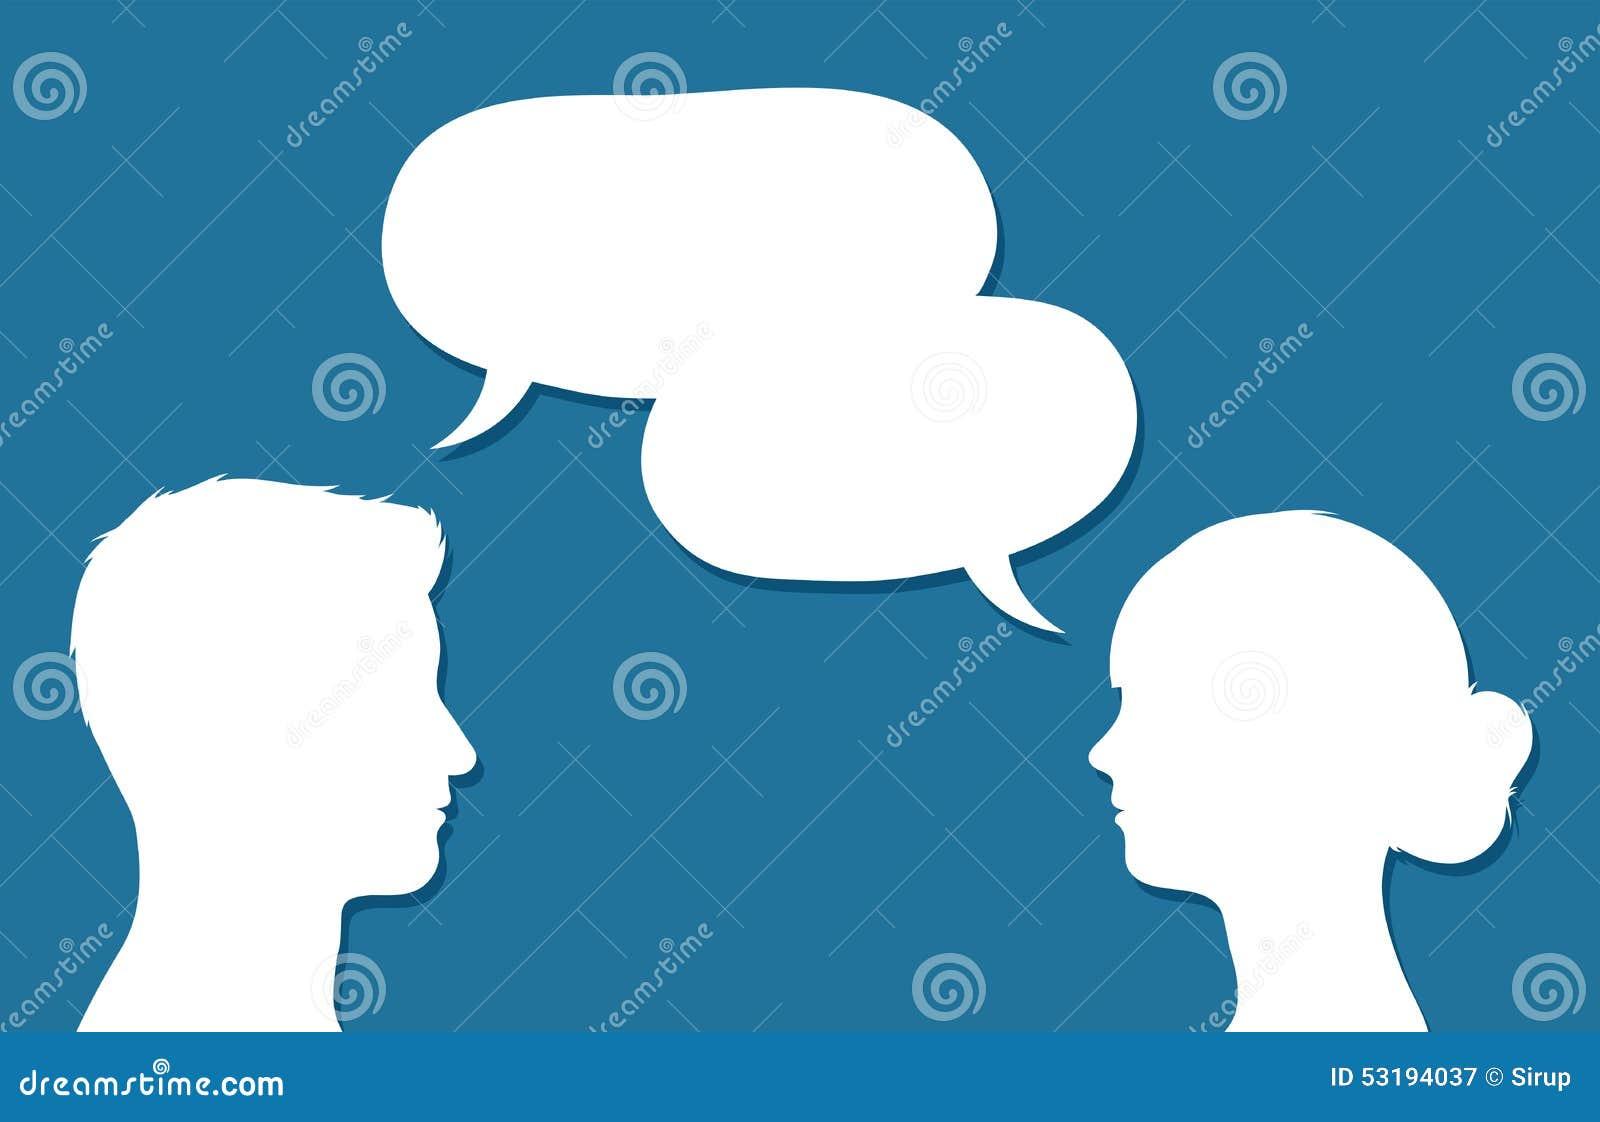 Teste maschii e femminili nella conversazione